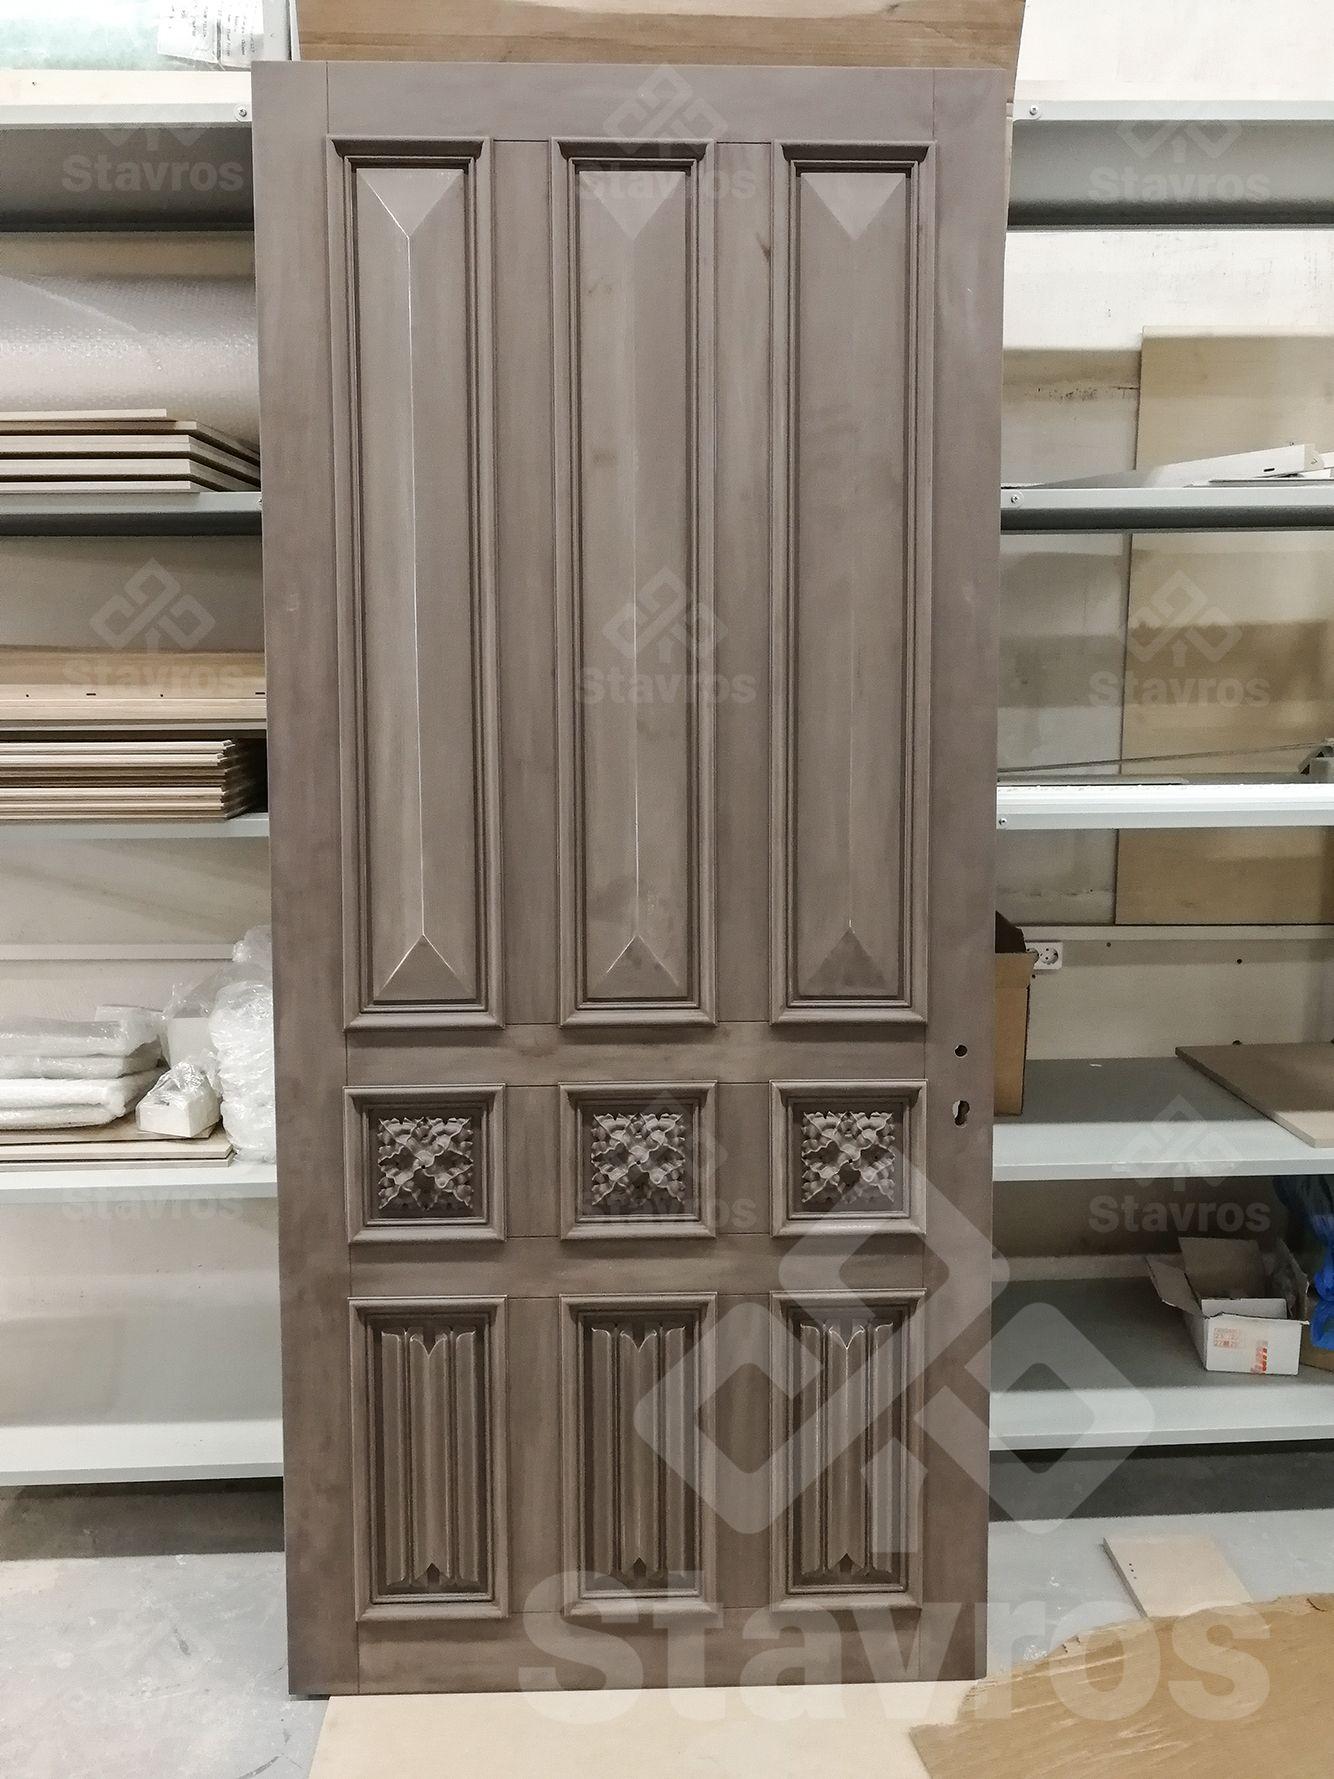 Mezhkomnatnaya Dver Iz Massiva Dereva V Goticheskom Stile Dizajn Dekor Rezba Gotika Massiv Interior Door Made Wood Exterior Door Door Design Wooden Doors